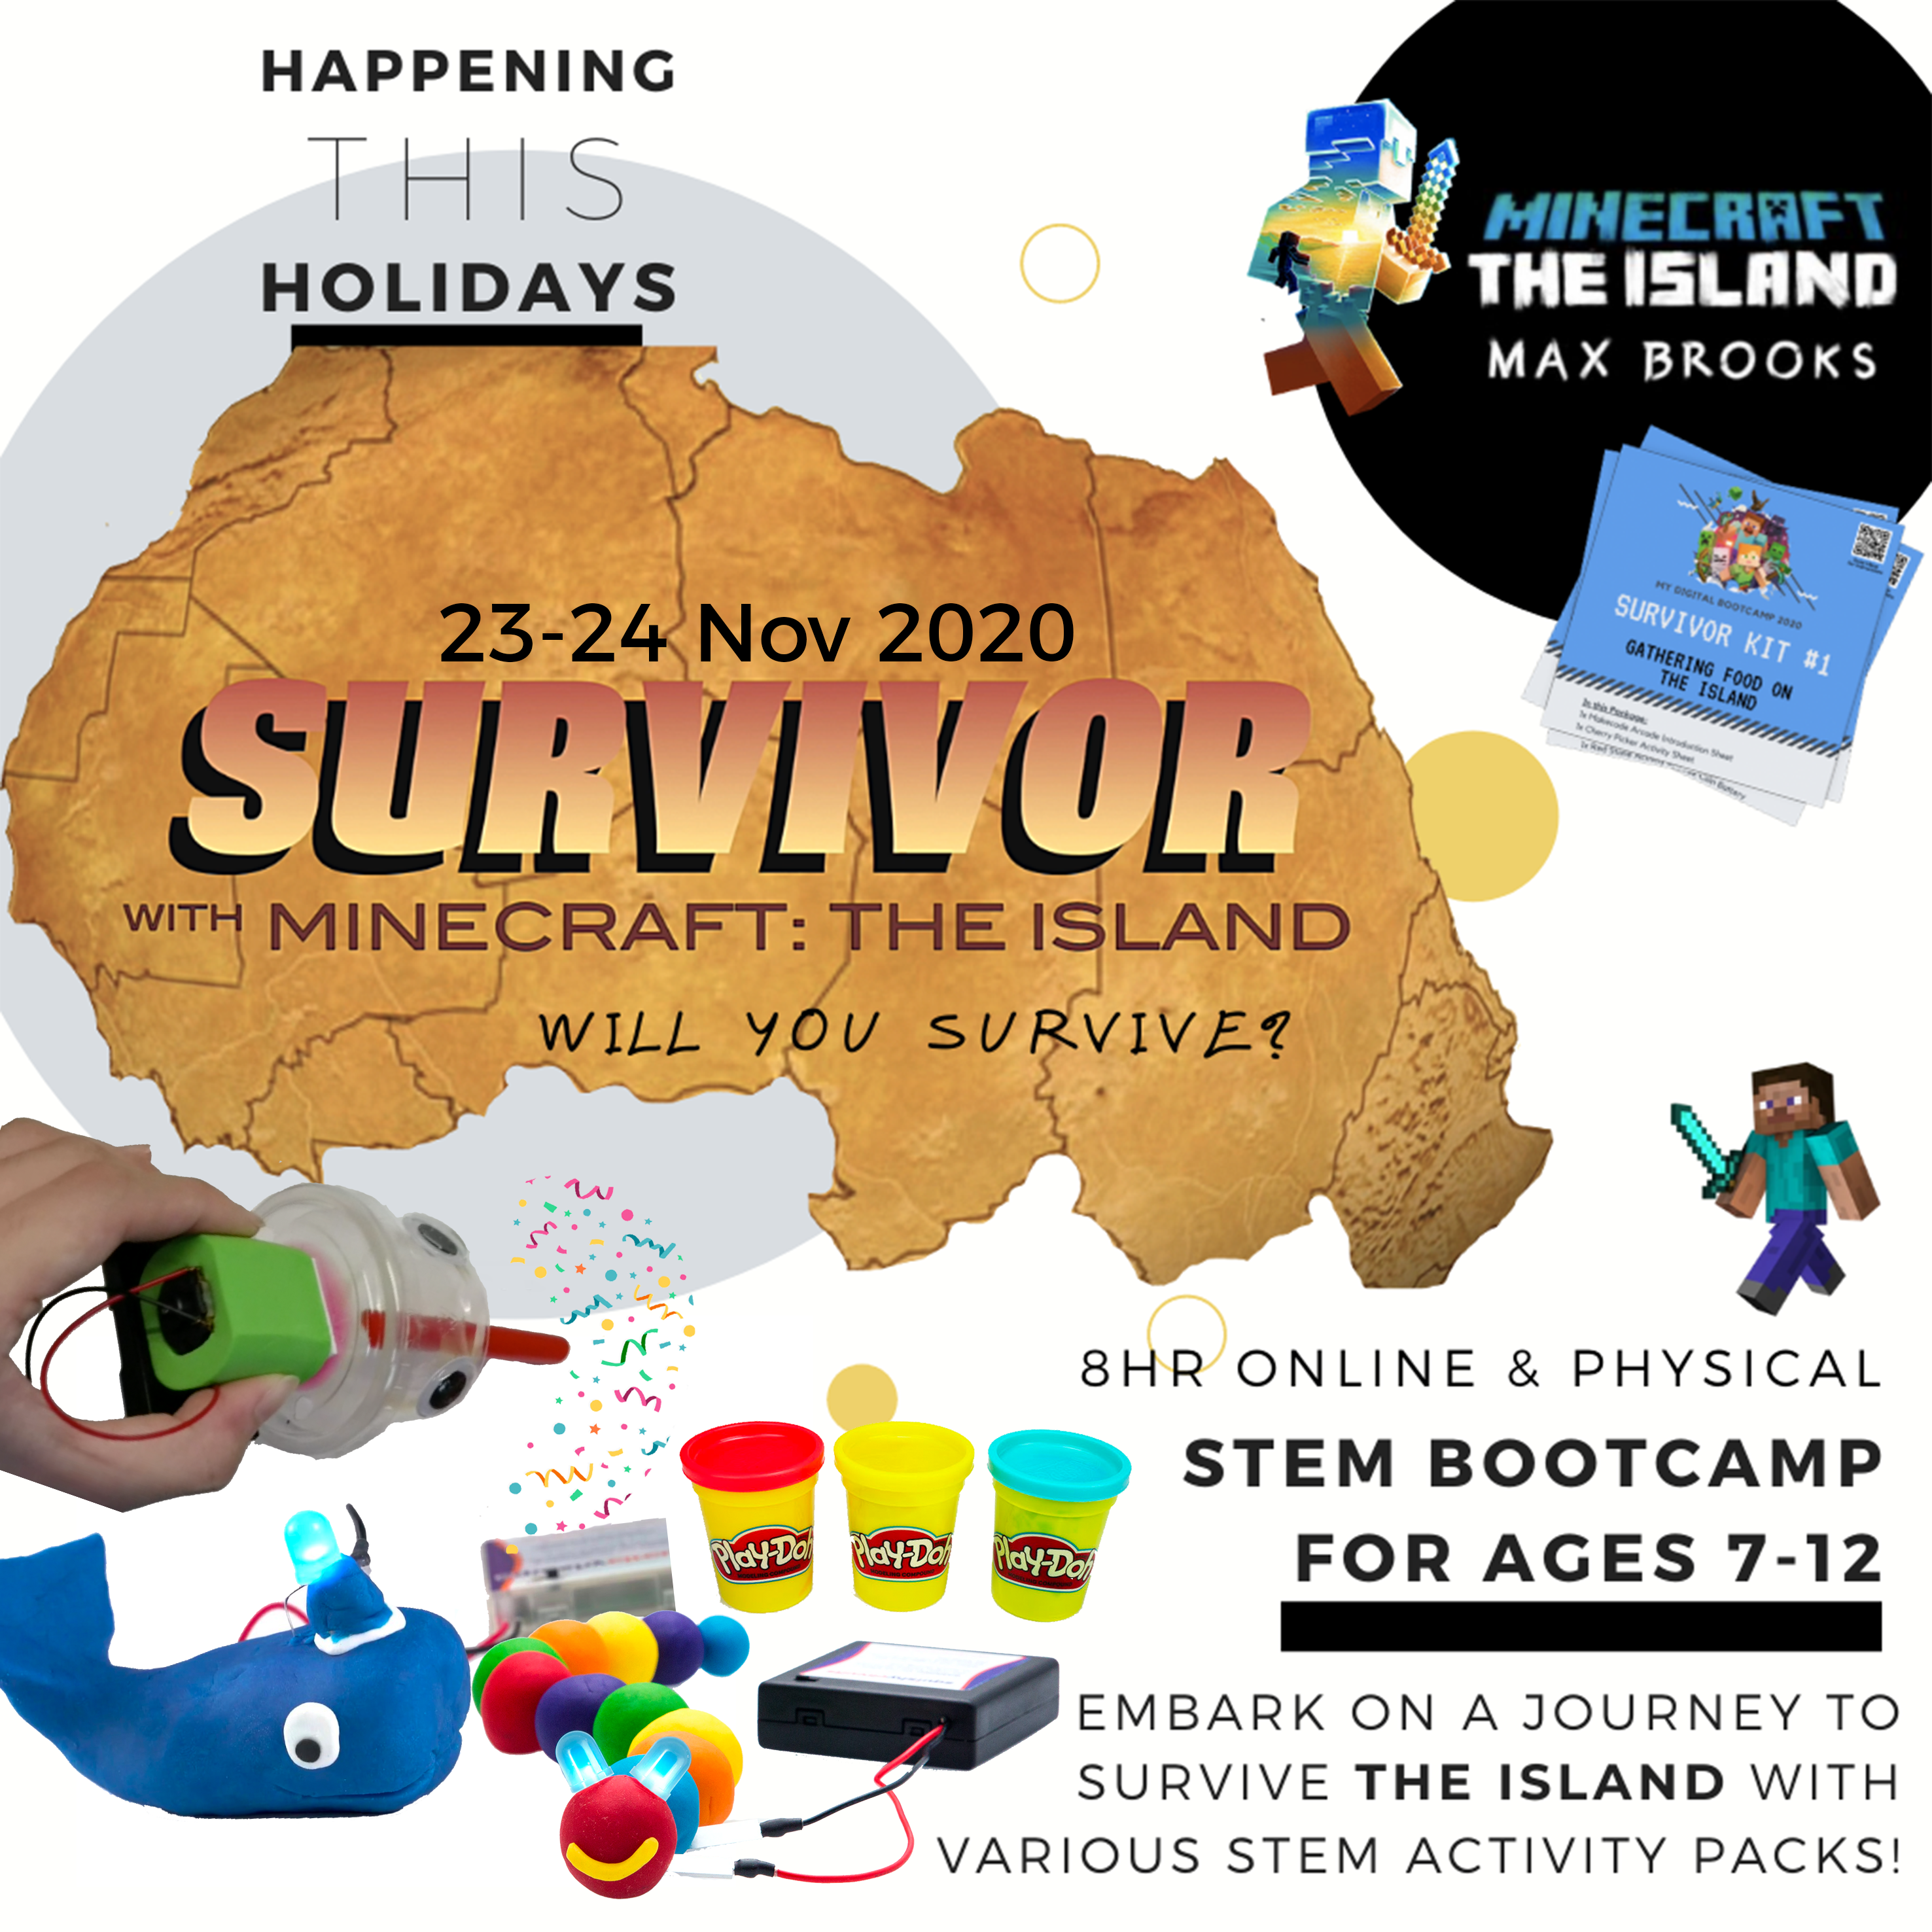 Holiday Bootcamp